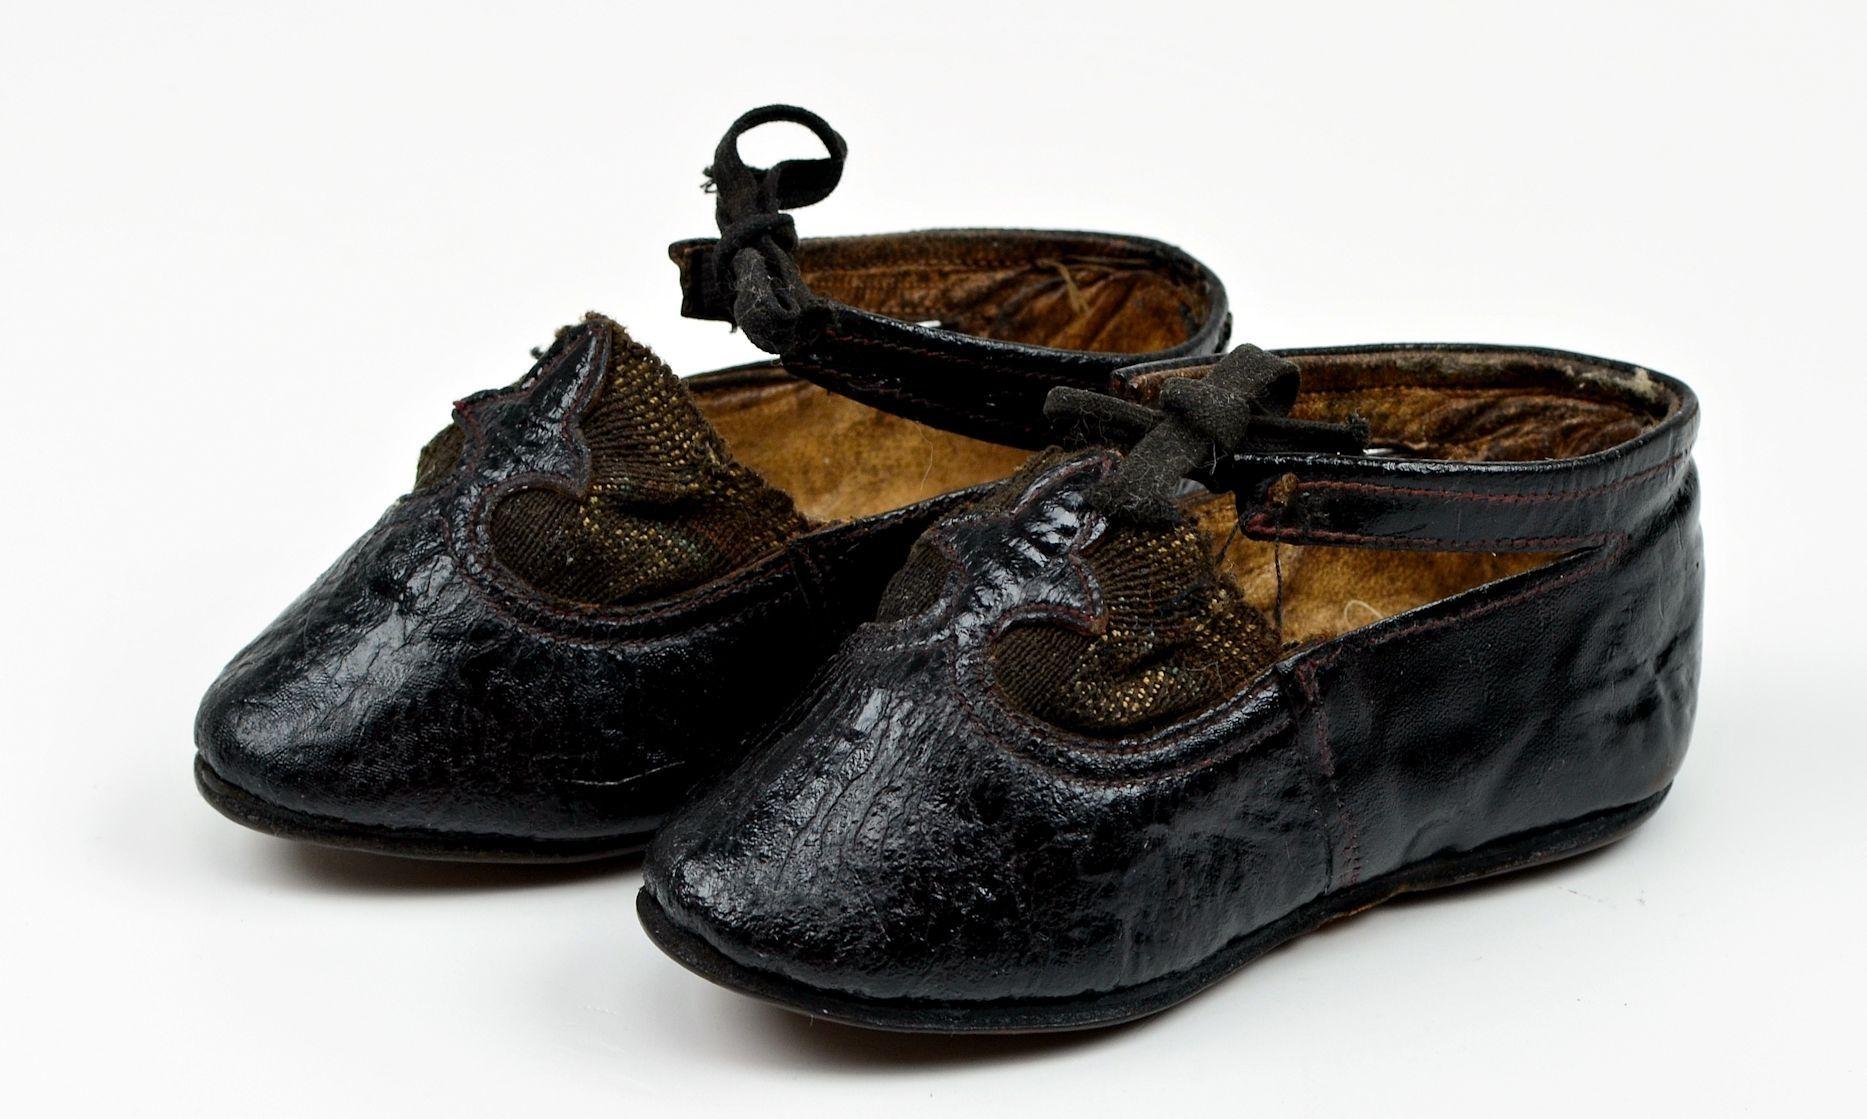 Child S Shoes 1880 1890 Children S Wear Victorian Children S